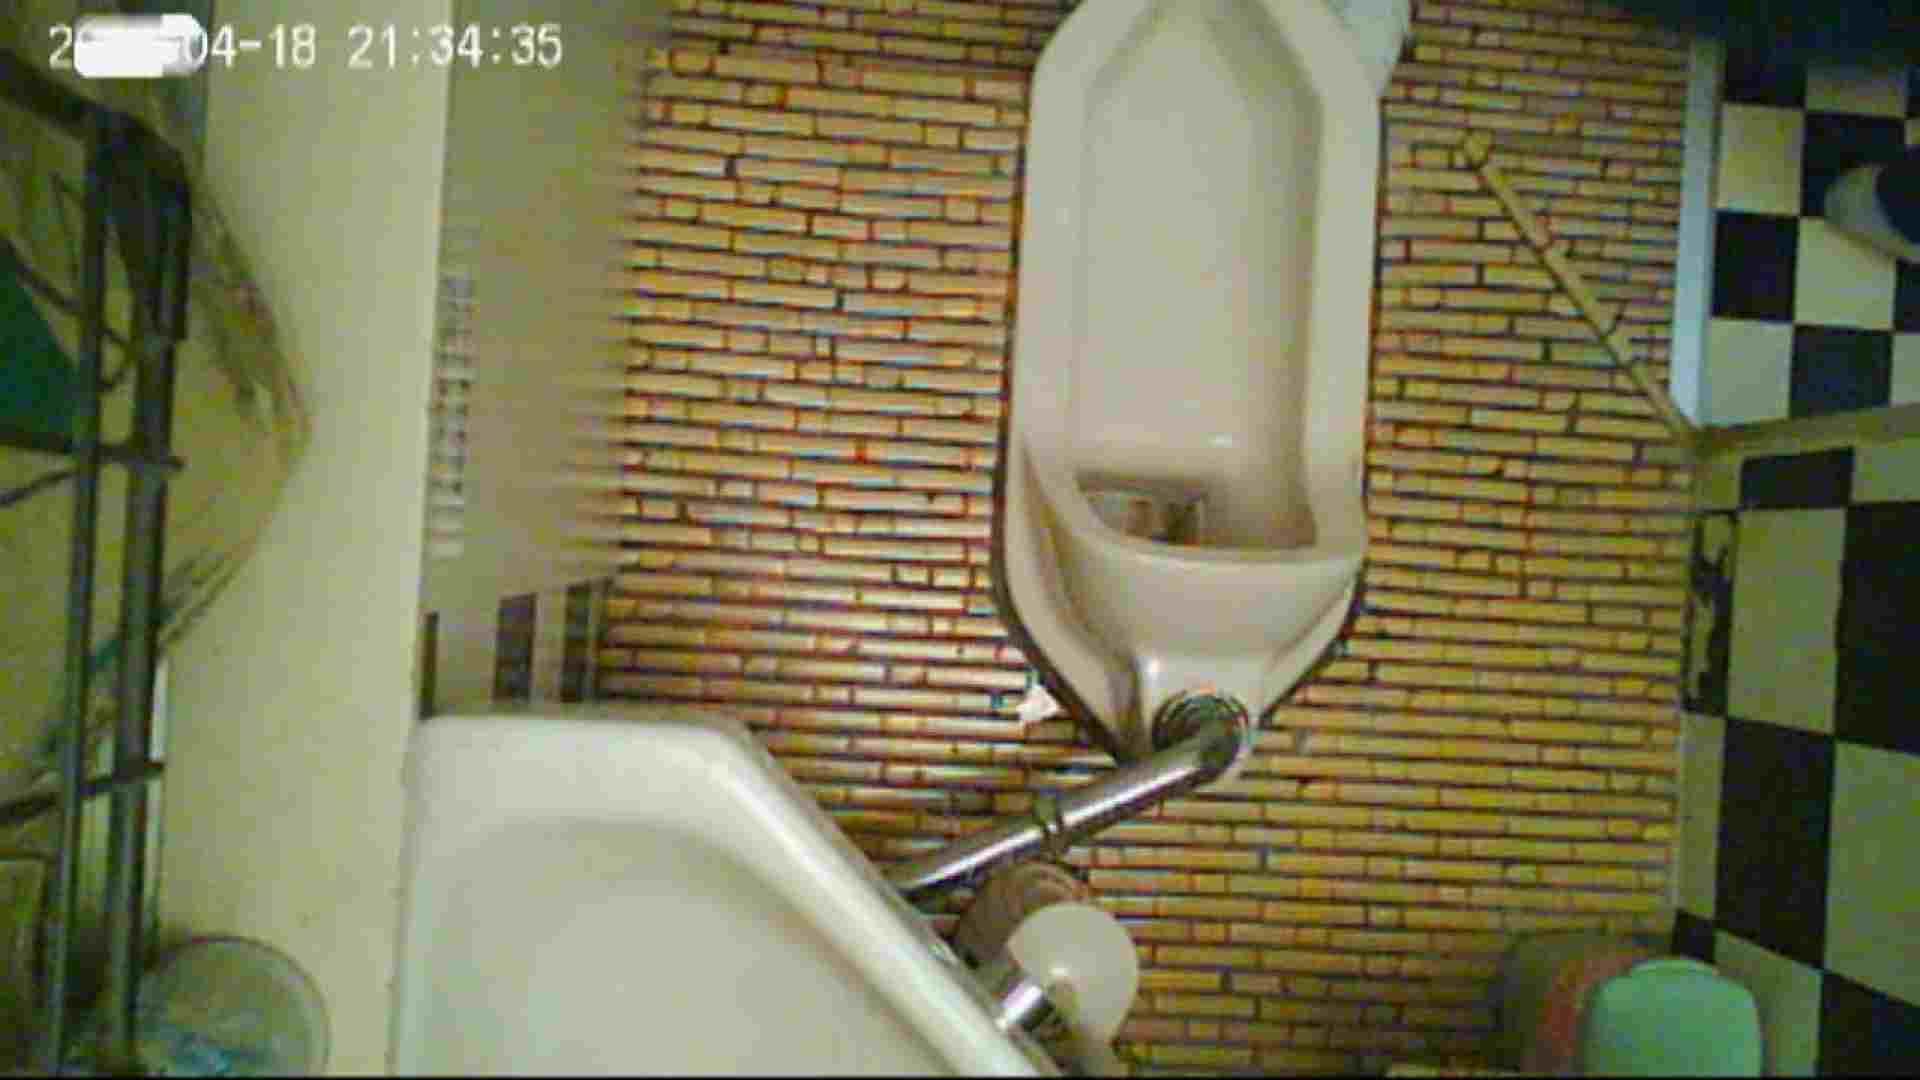 和式トイレの喫茶店店主マロンさんのコレクションvol.6 盗撮映像  64Pix 6